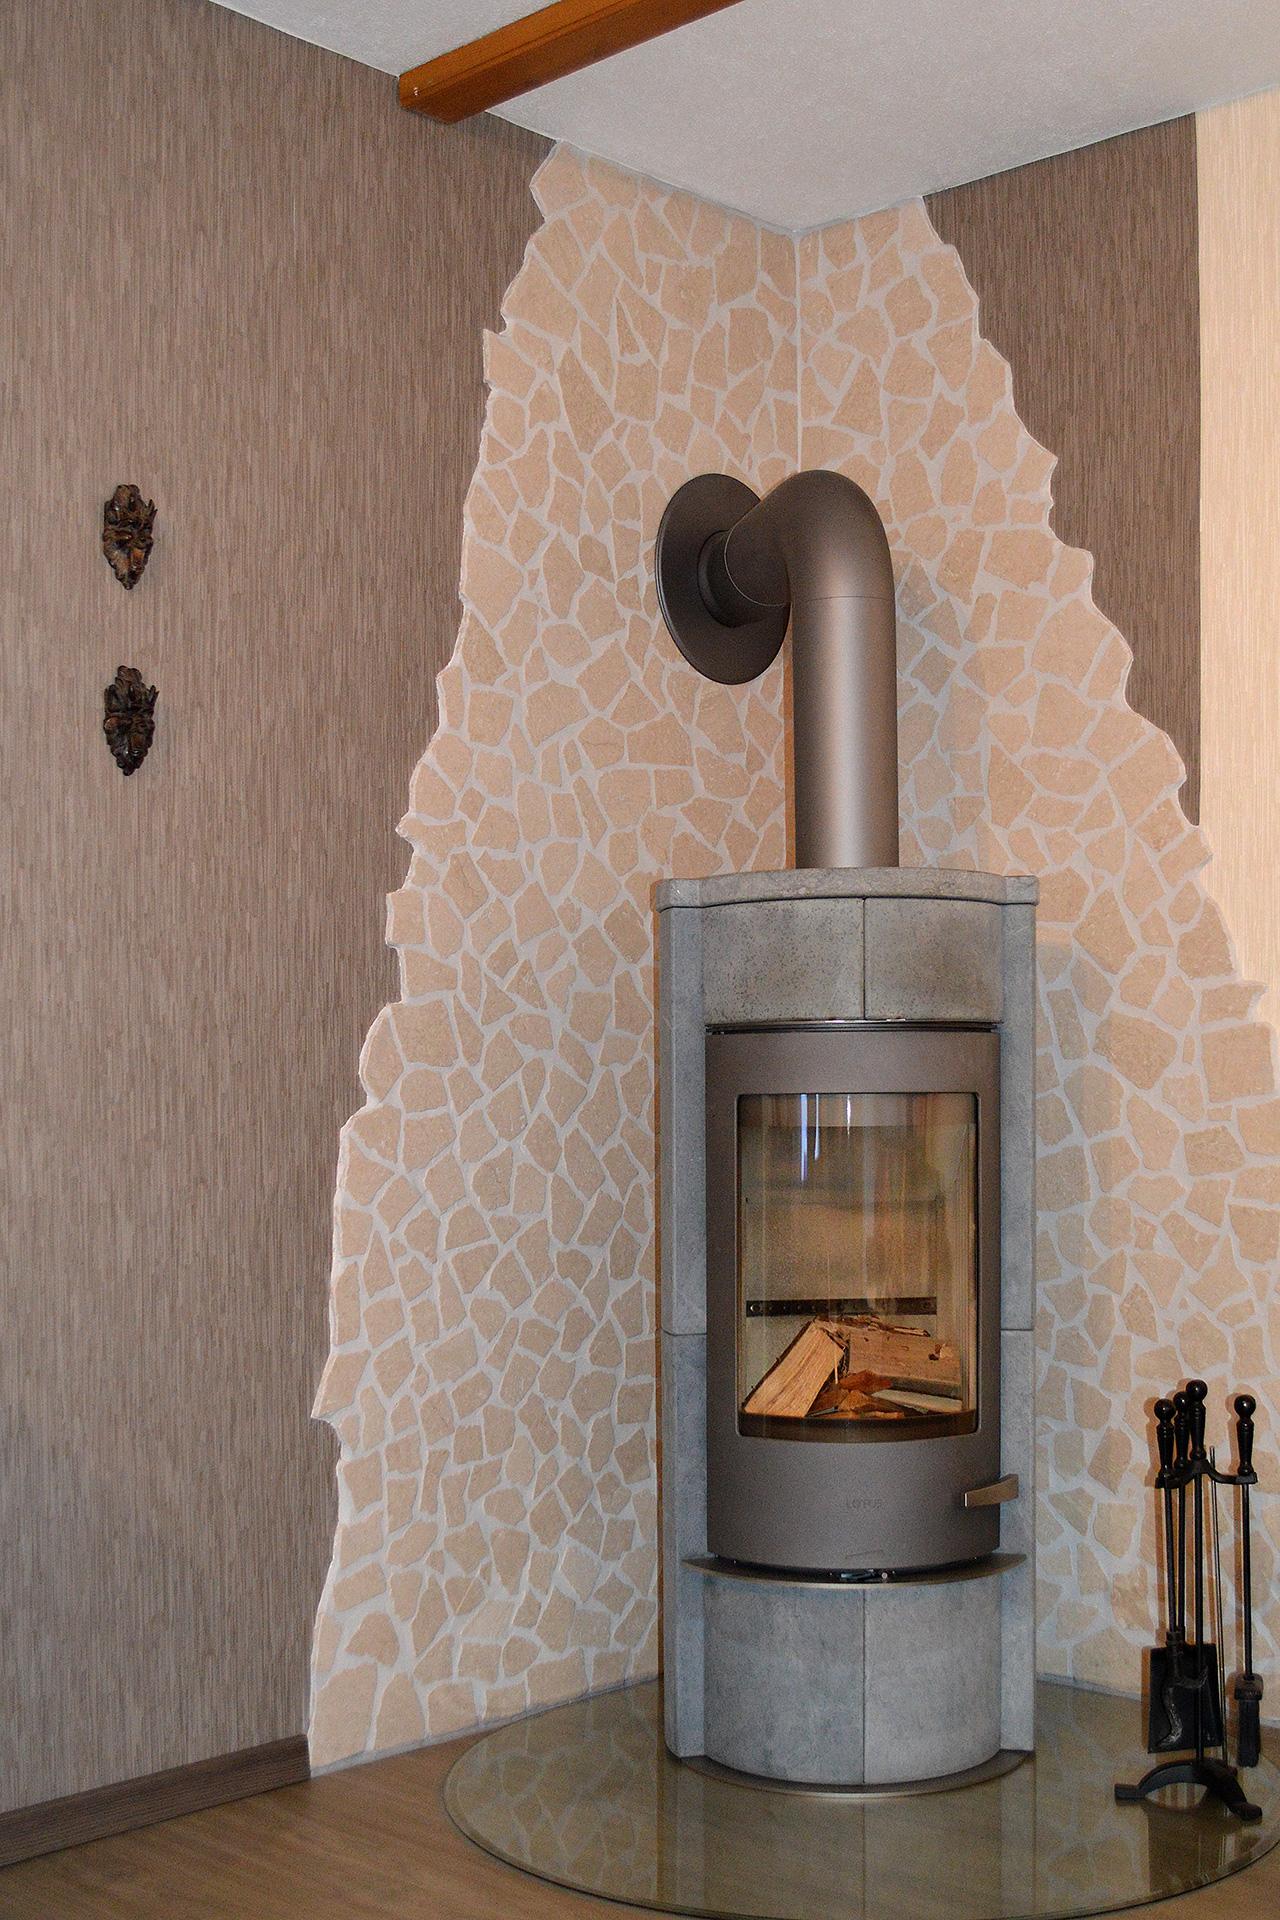 Referenz Ofen- und Kaminbau, Bild 0230